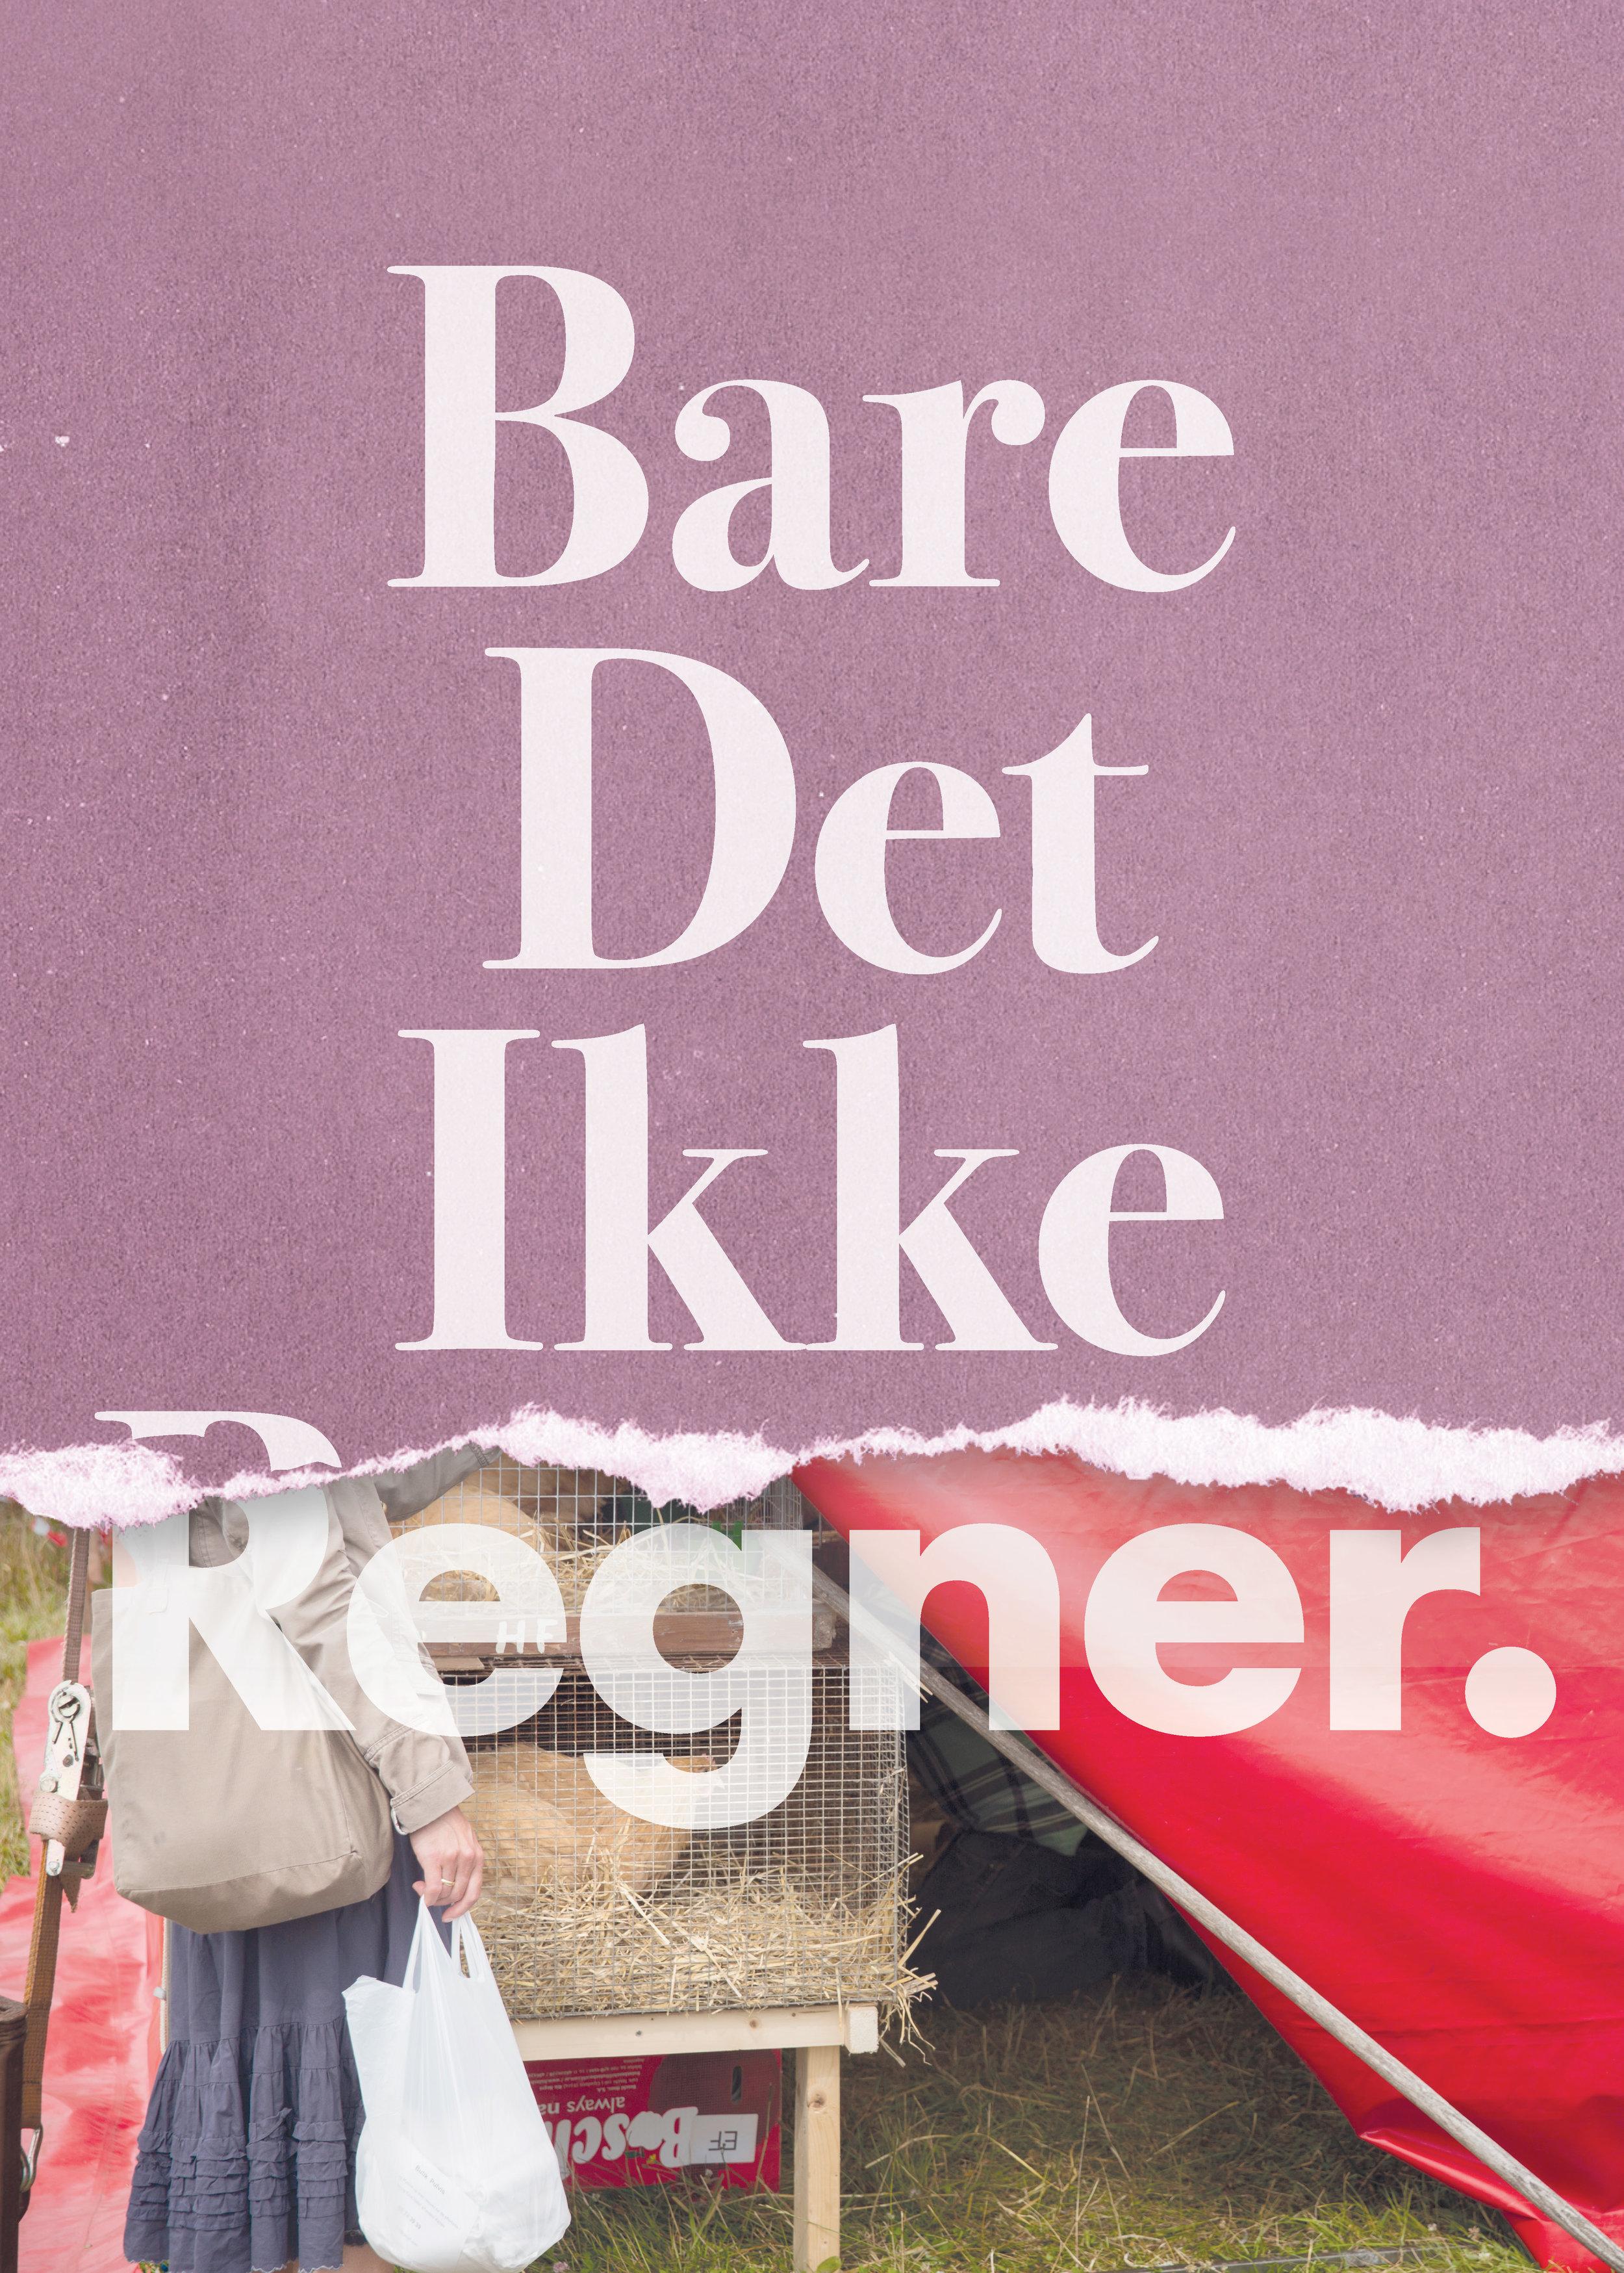 2018_BareDetIkkeRegner_posters_RT_Page_7.jpg